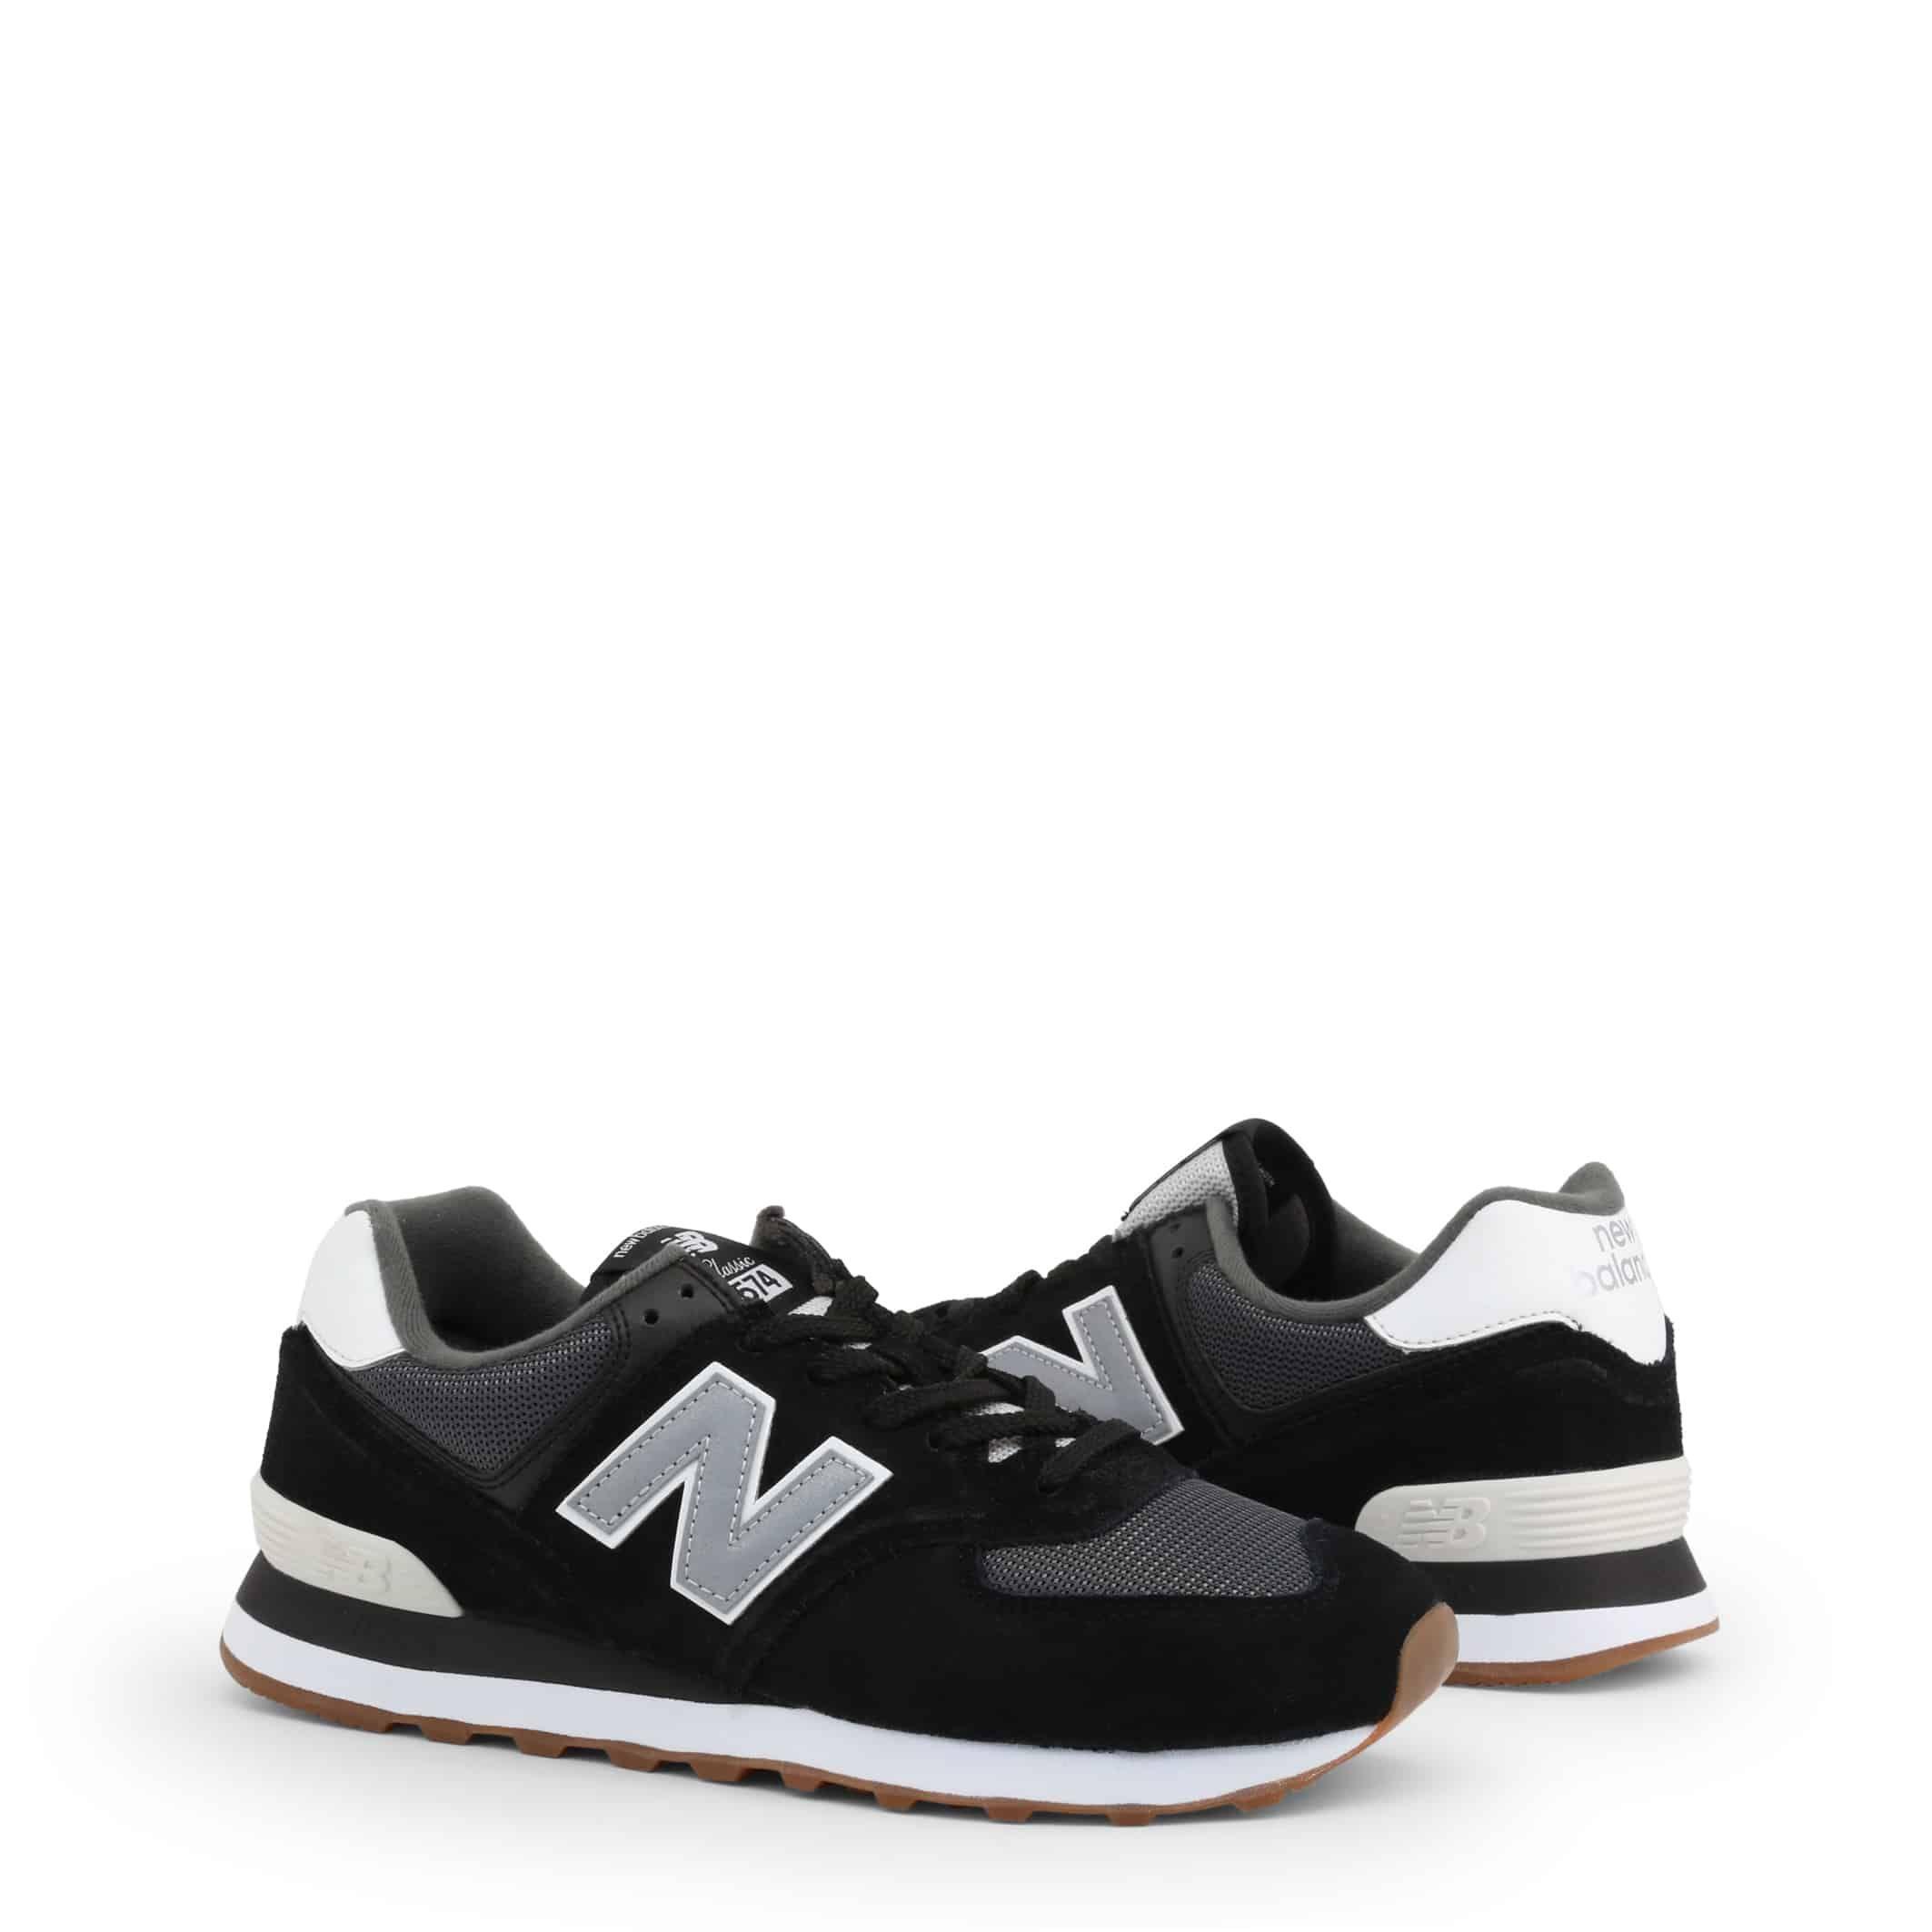 New Balance – ML574 – Nero